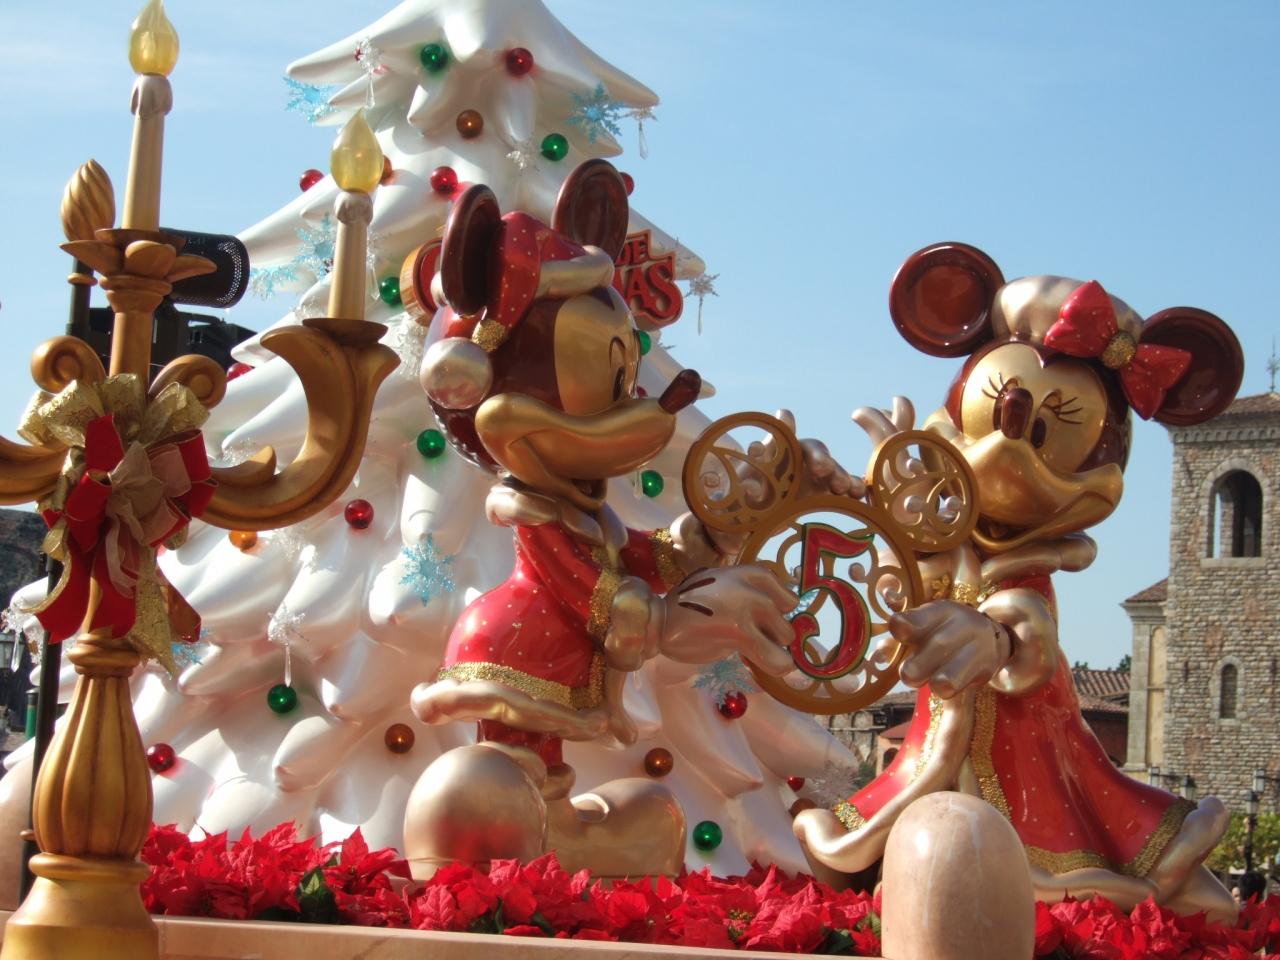 クリスマスイベント 東京ディズニーシー?』東京ディズニーリゾート(千葉